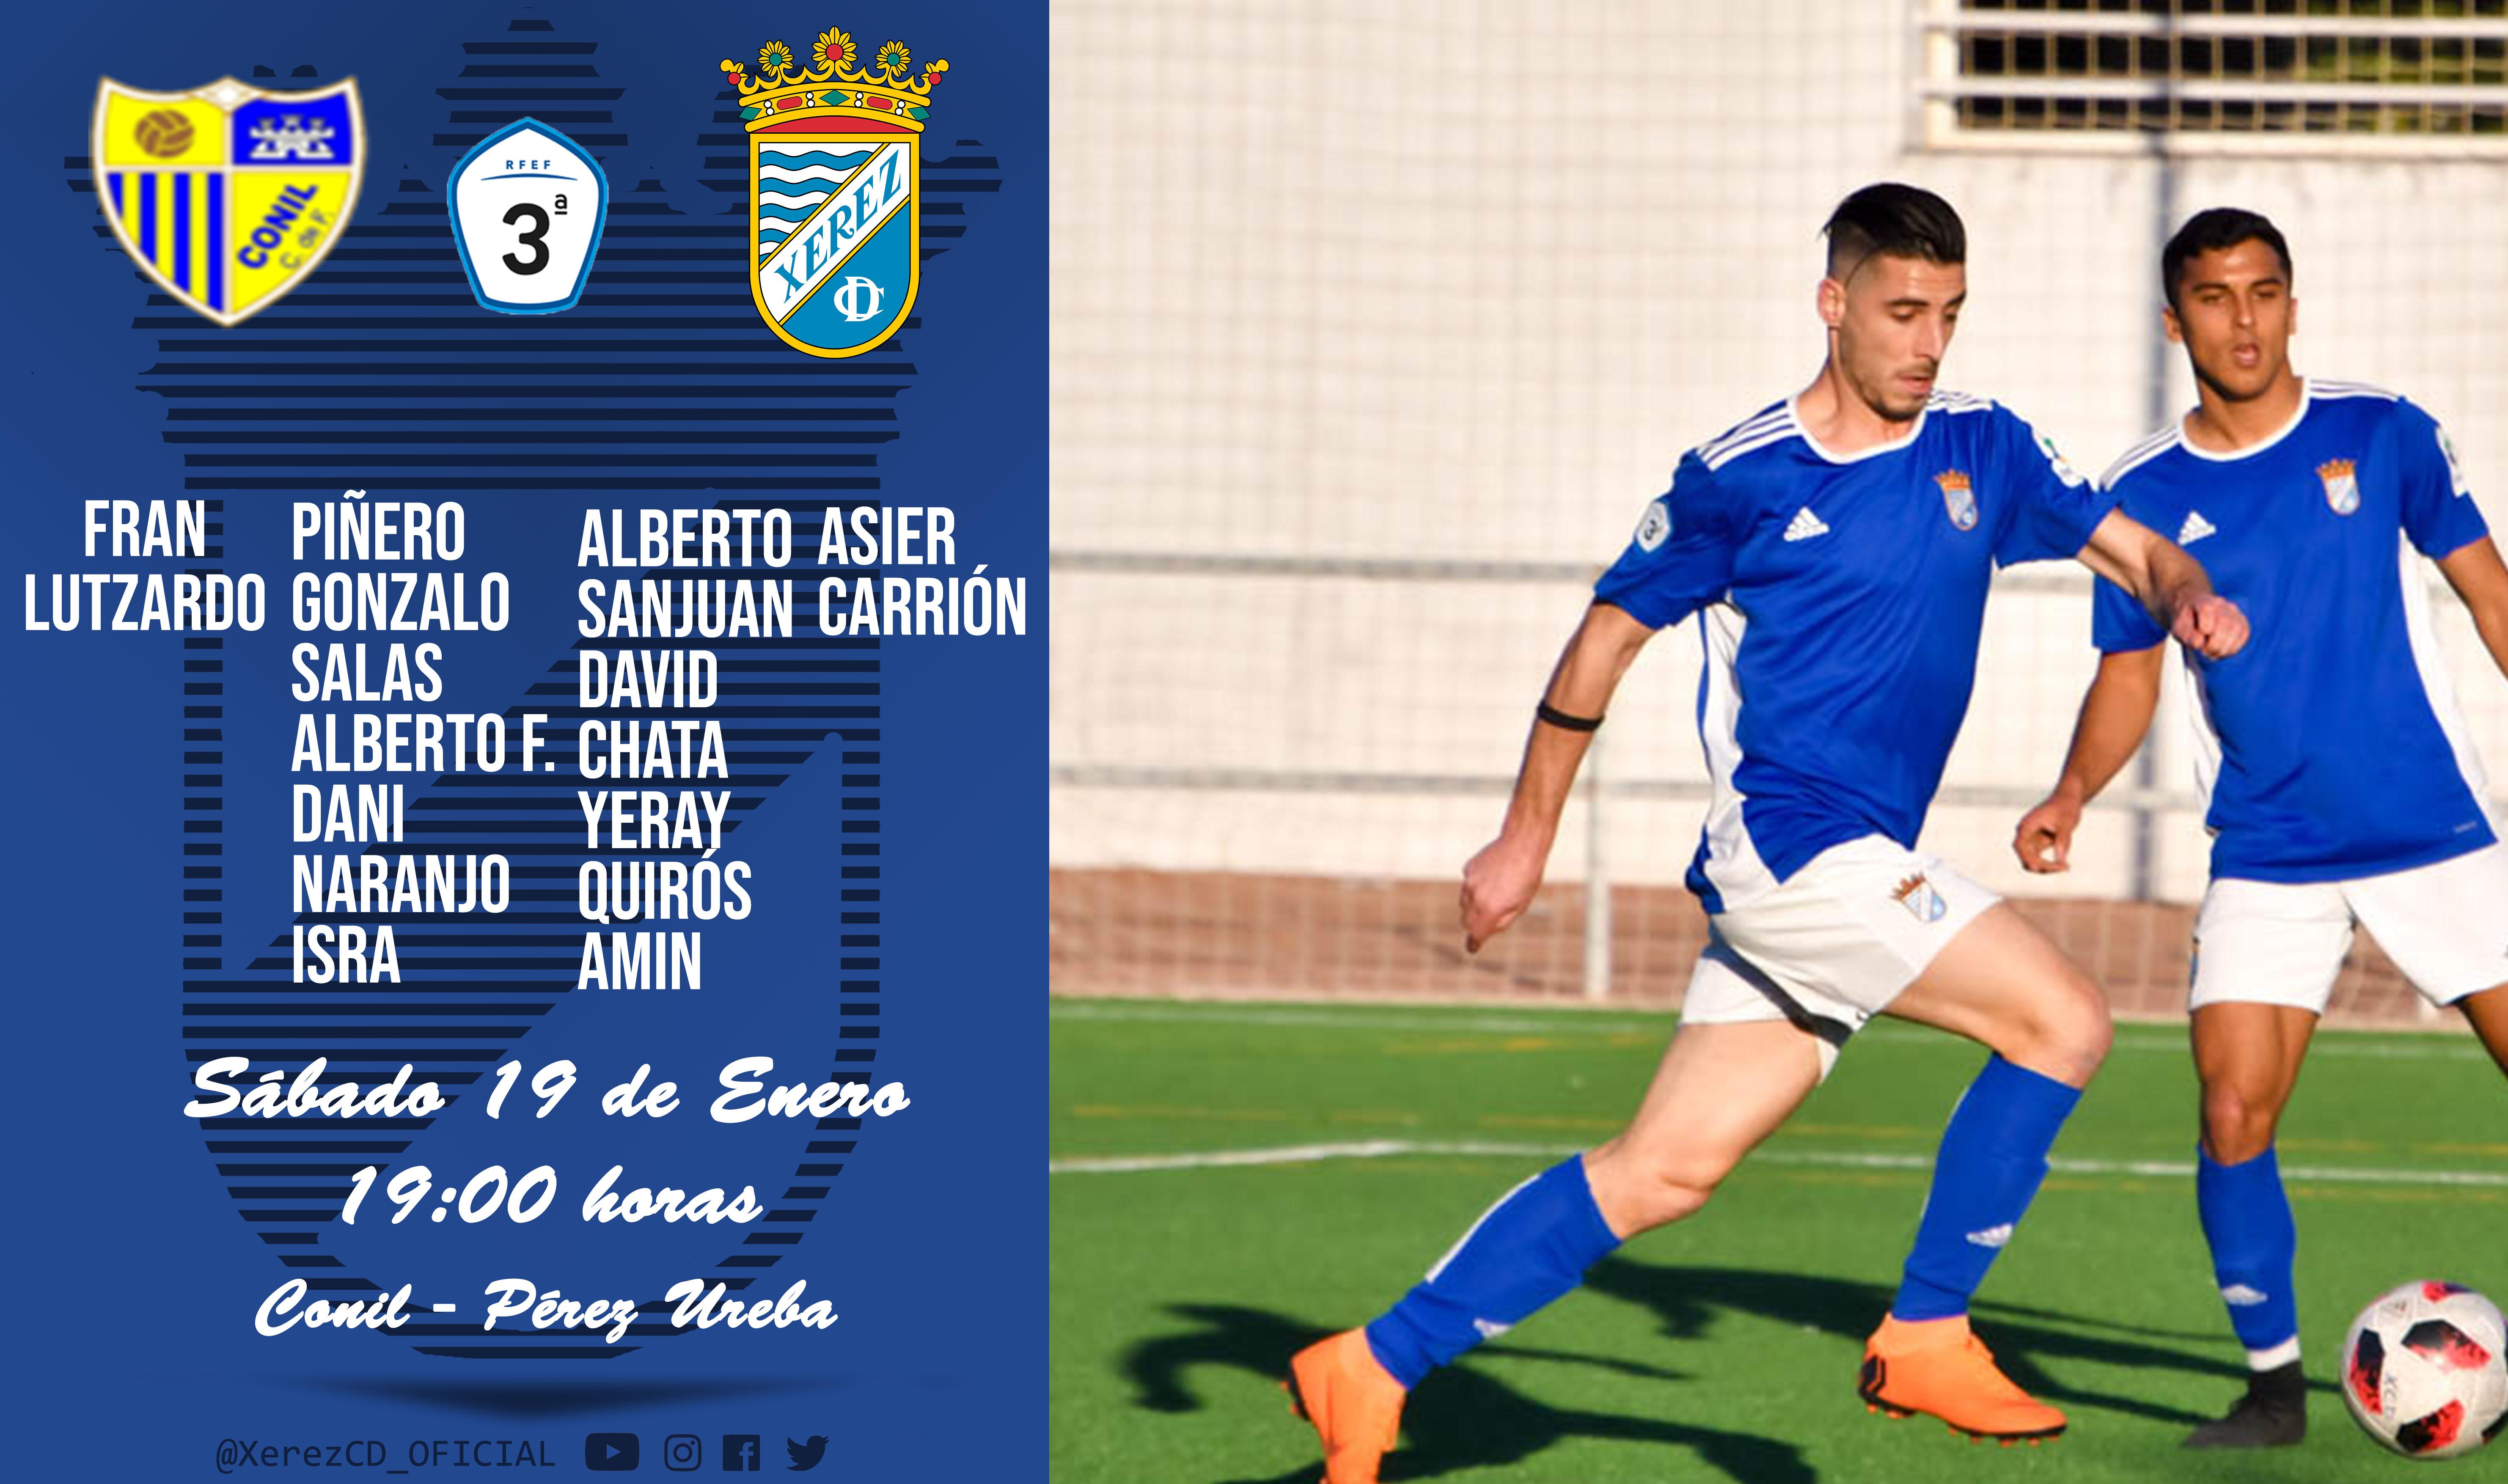 http://www.xerezclubdeportivo.es/wp-content/uploads/2019/01/Convocatoria-18-19-1.jpg